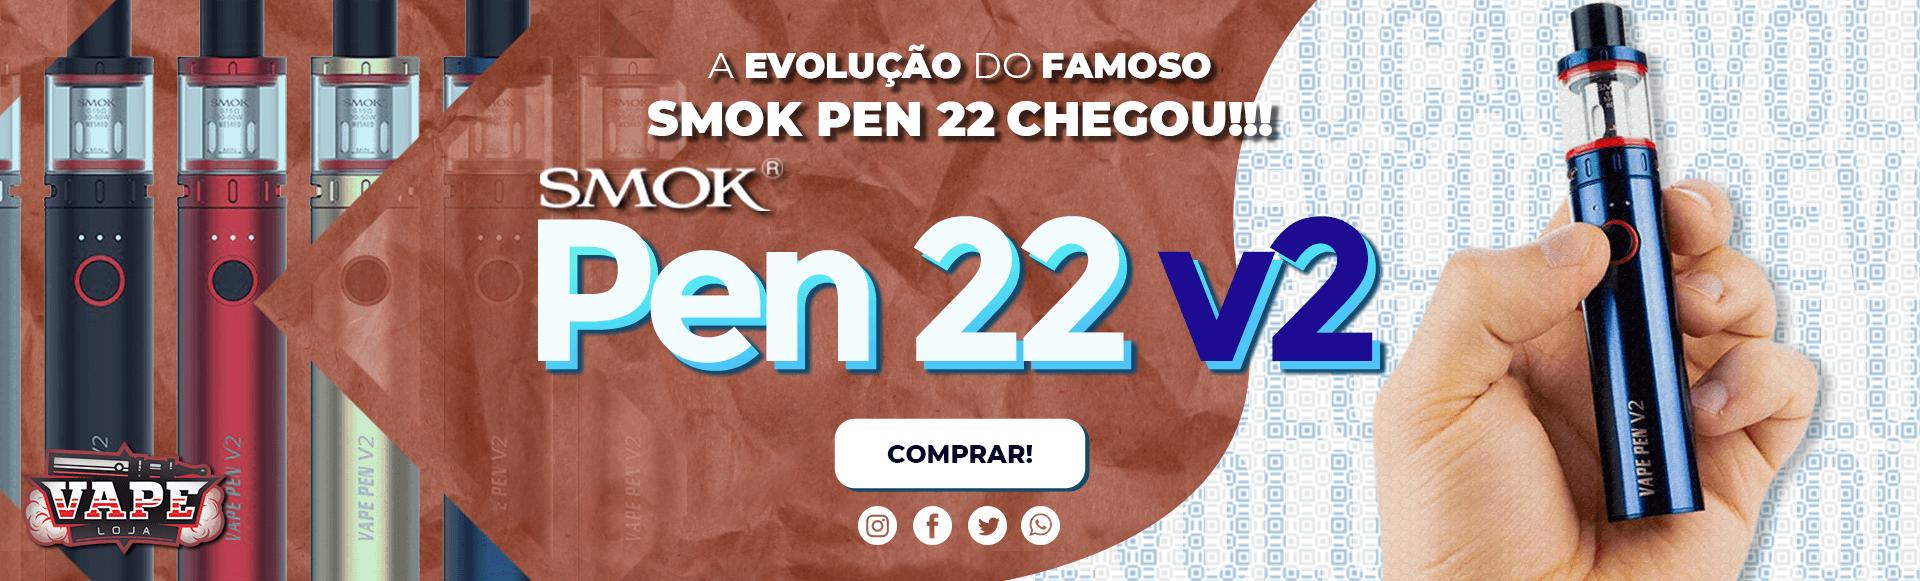 Pen 22 v2